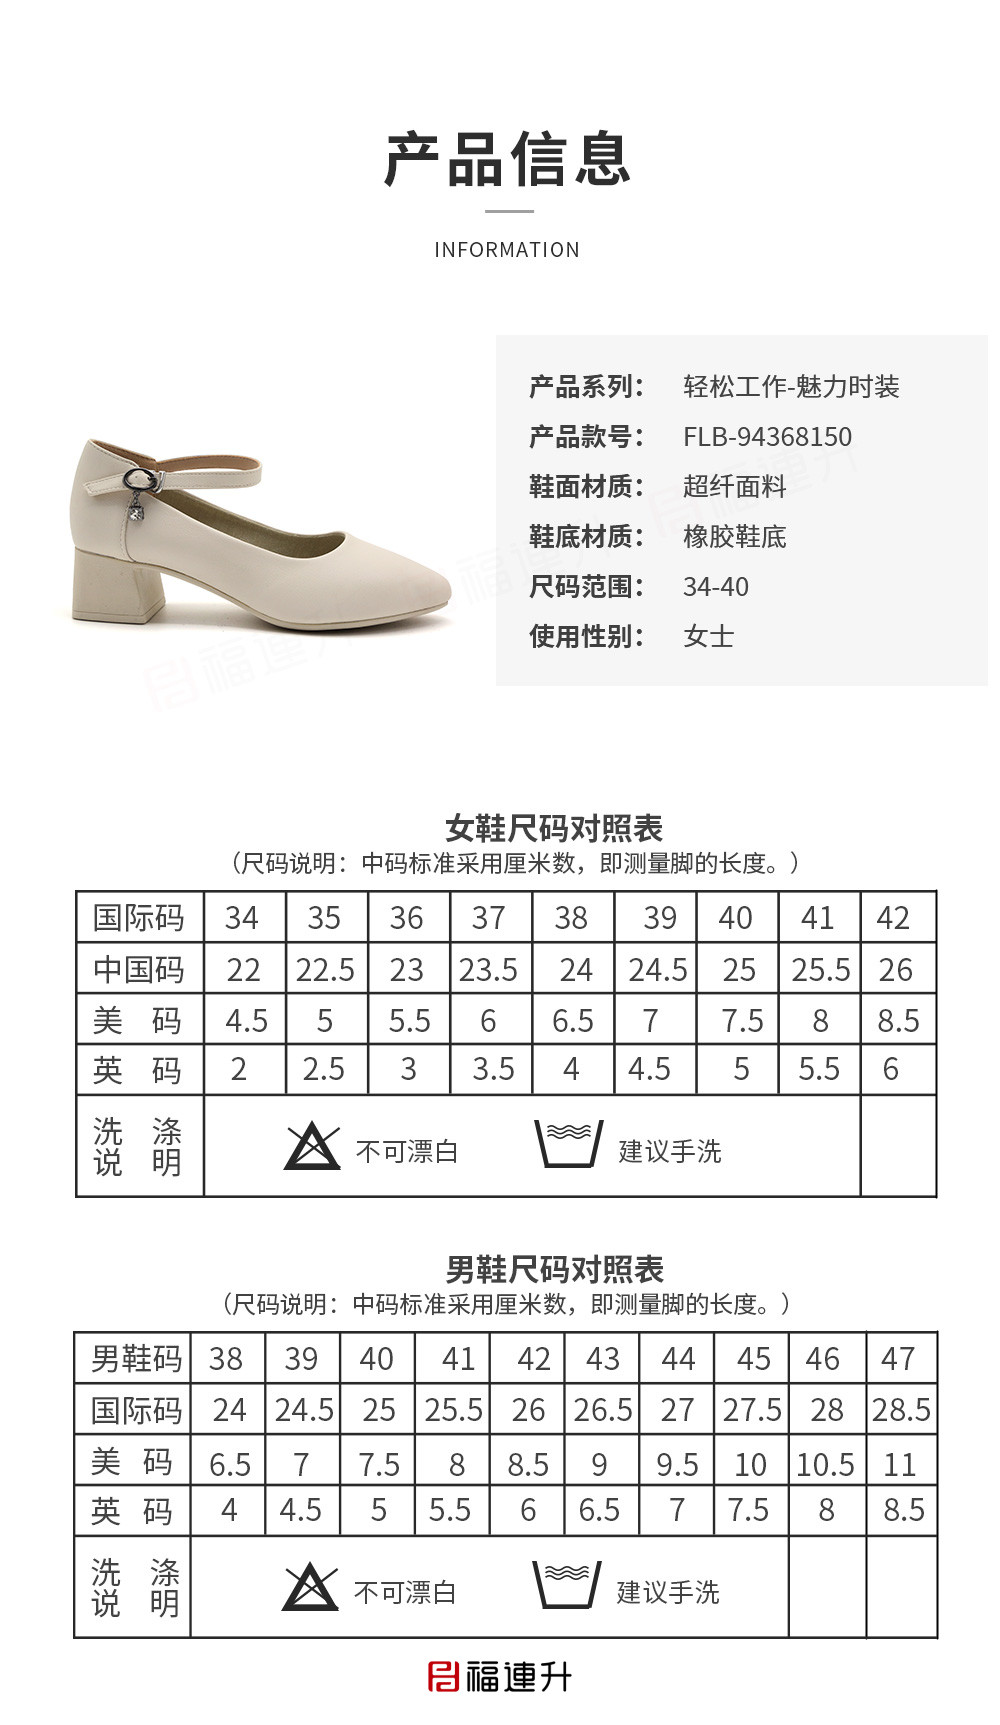 福连升春秋浅口单鞋女粗跟一字扣婚鞋通勤工作鞋图片